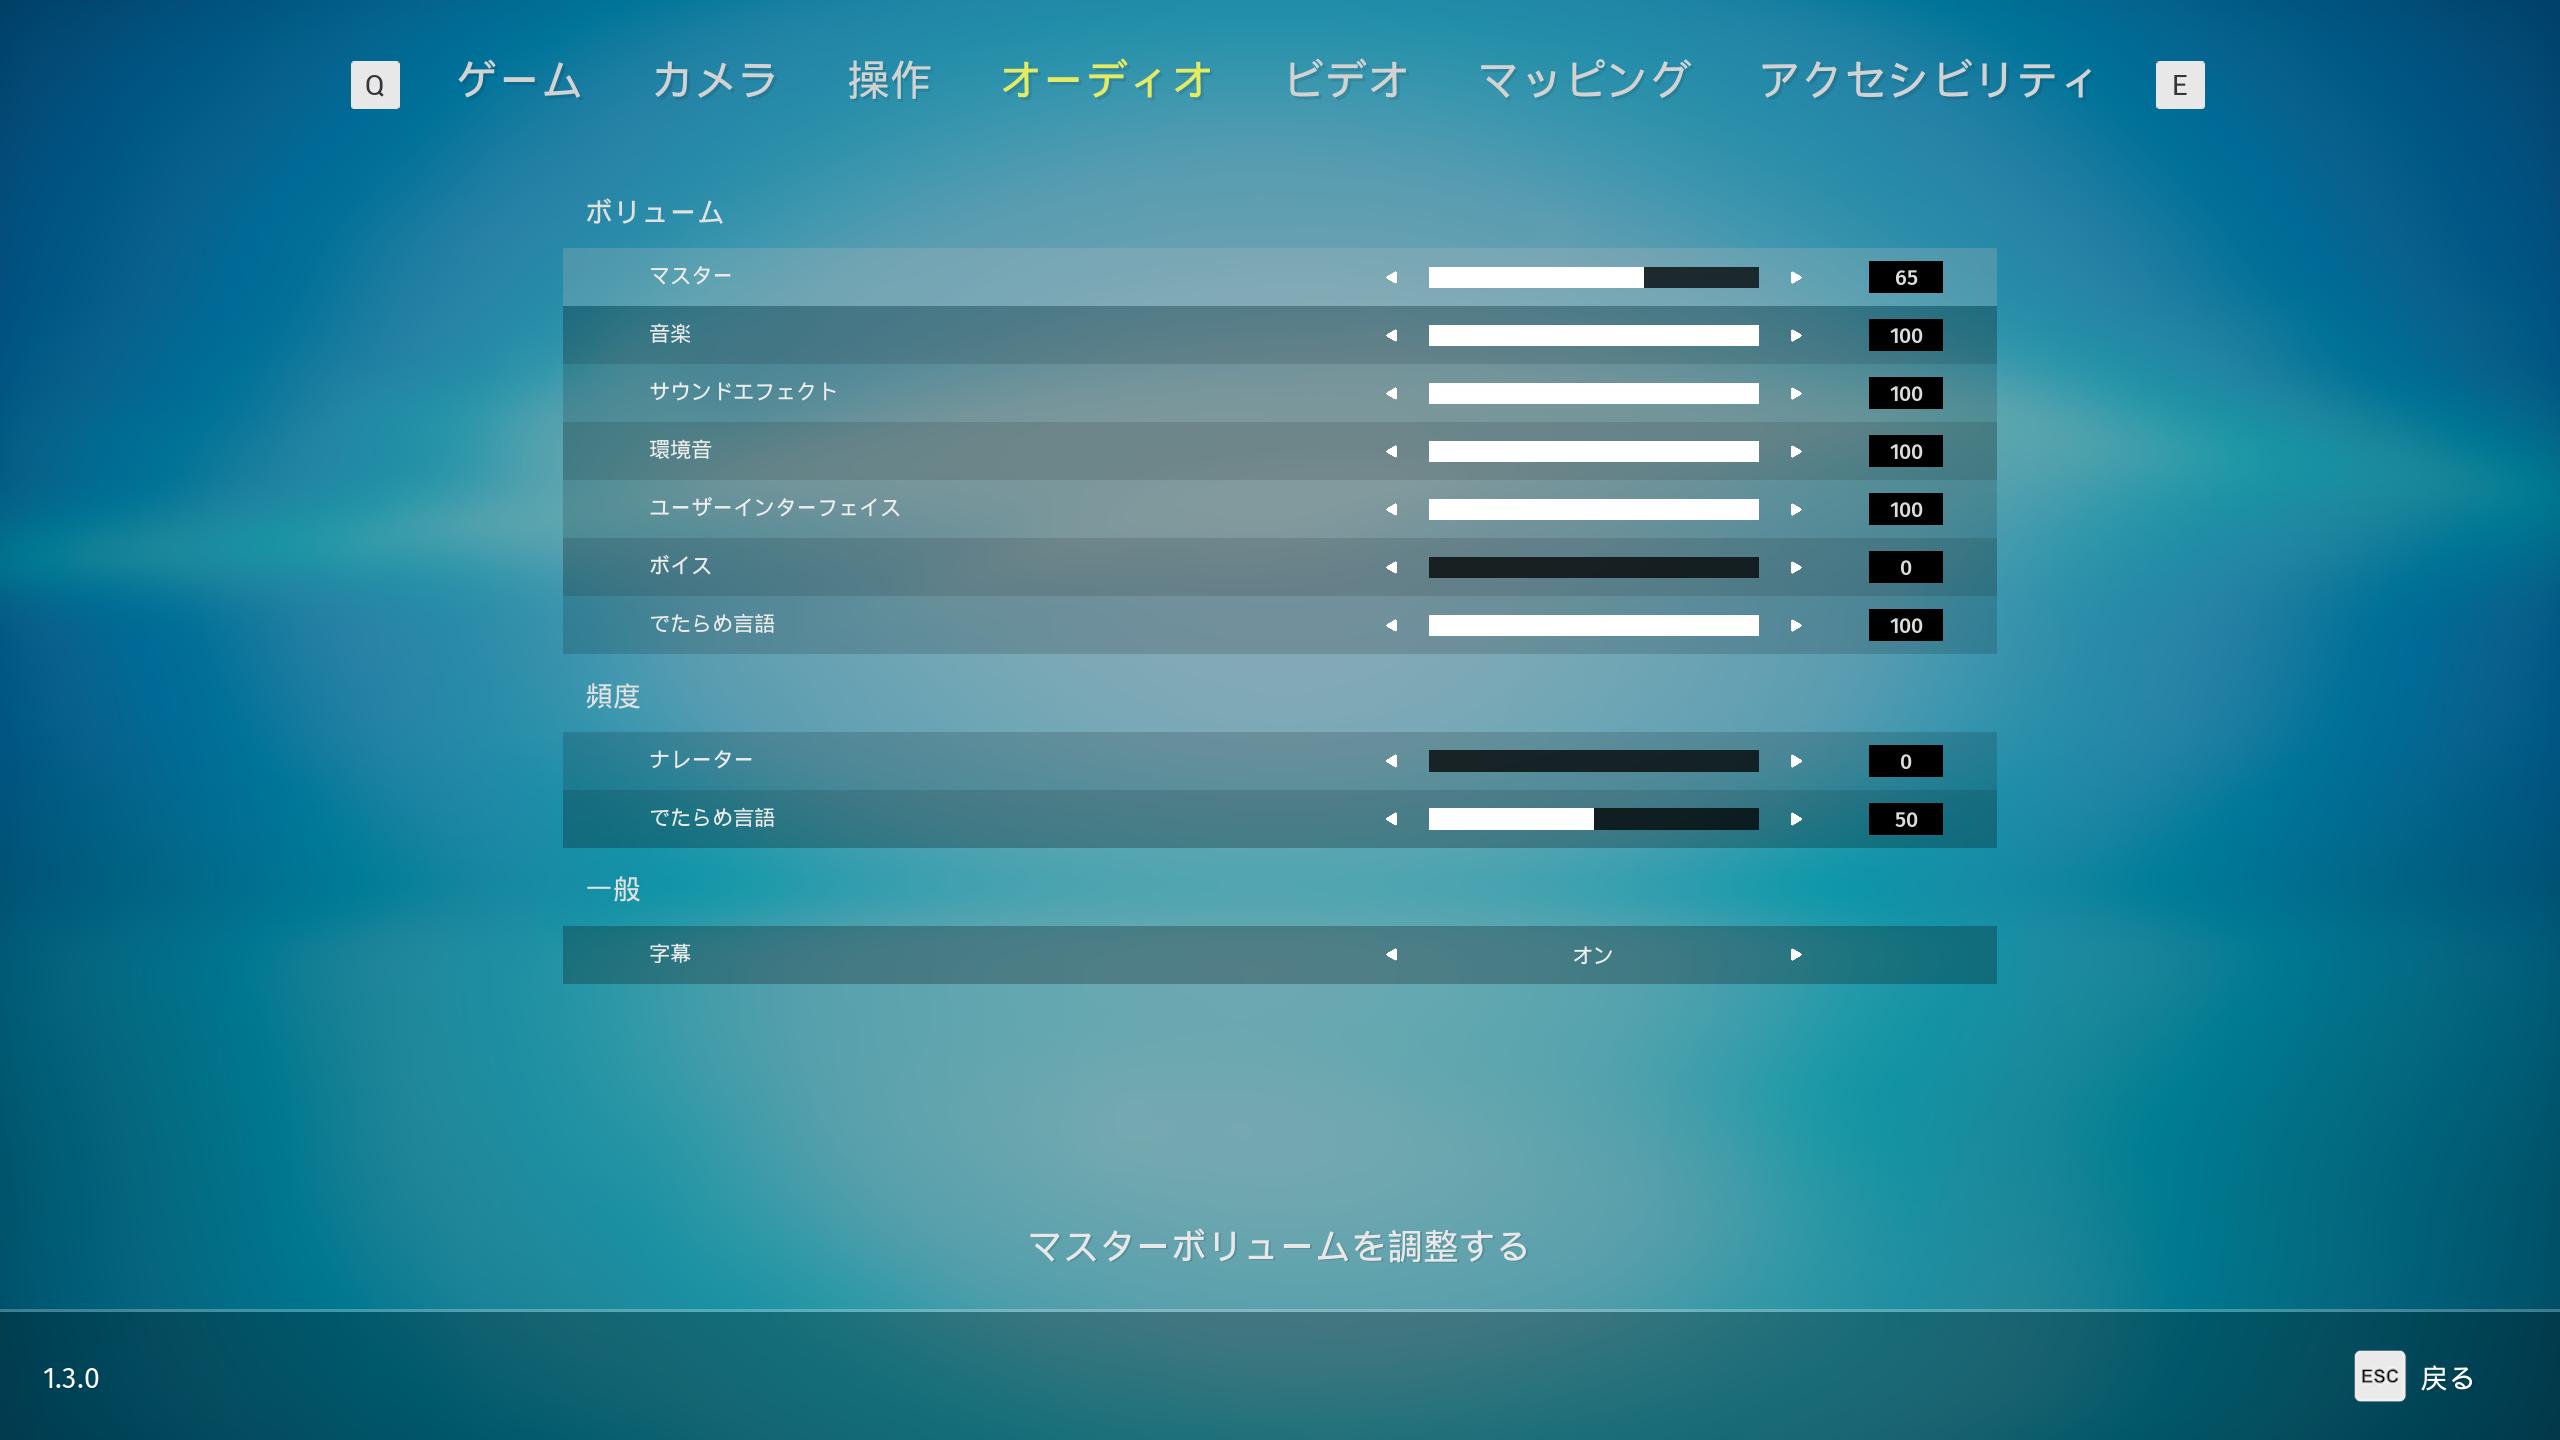 f:id:narol:20210526150525p:plain